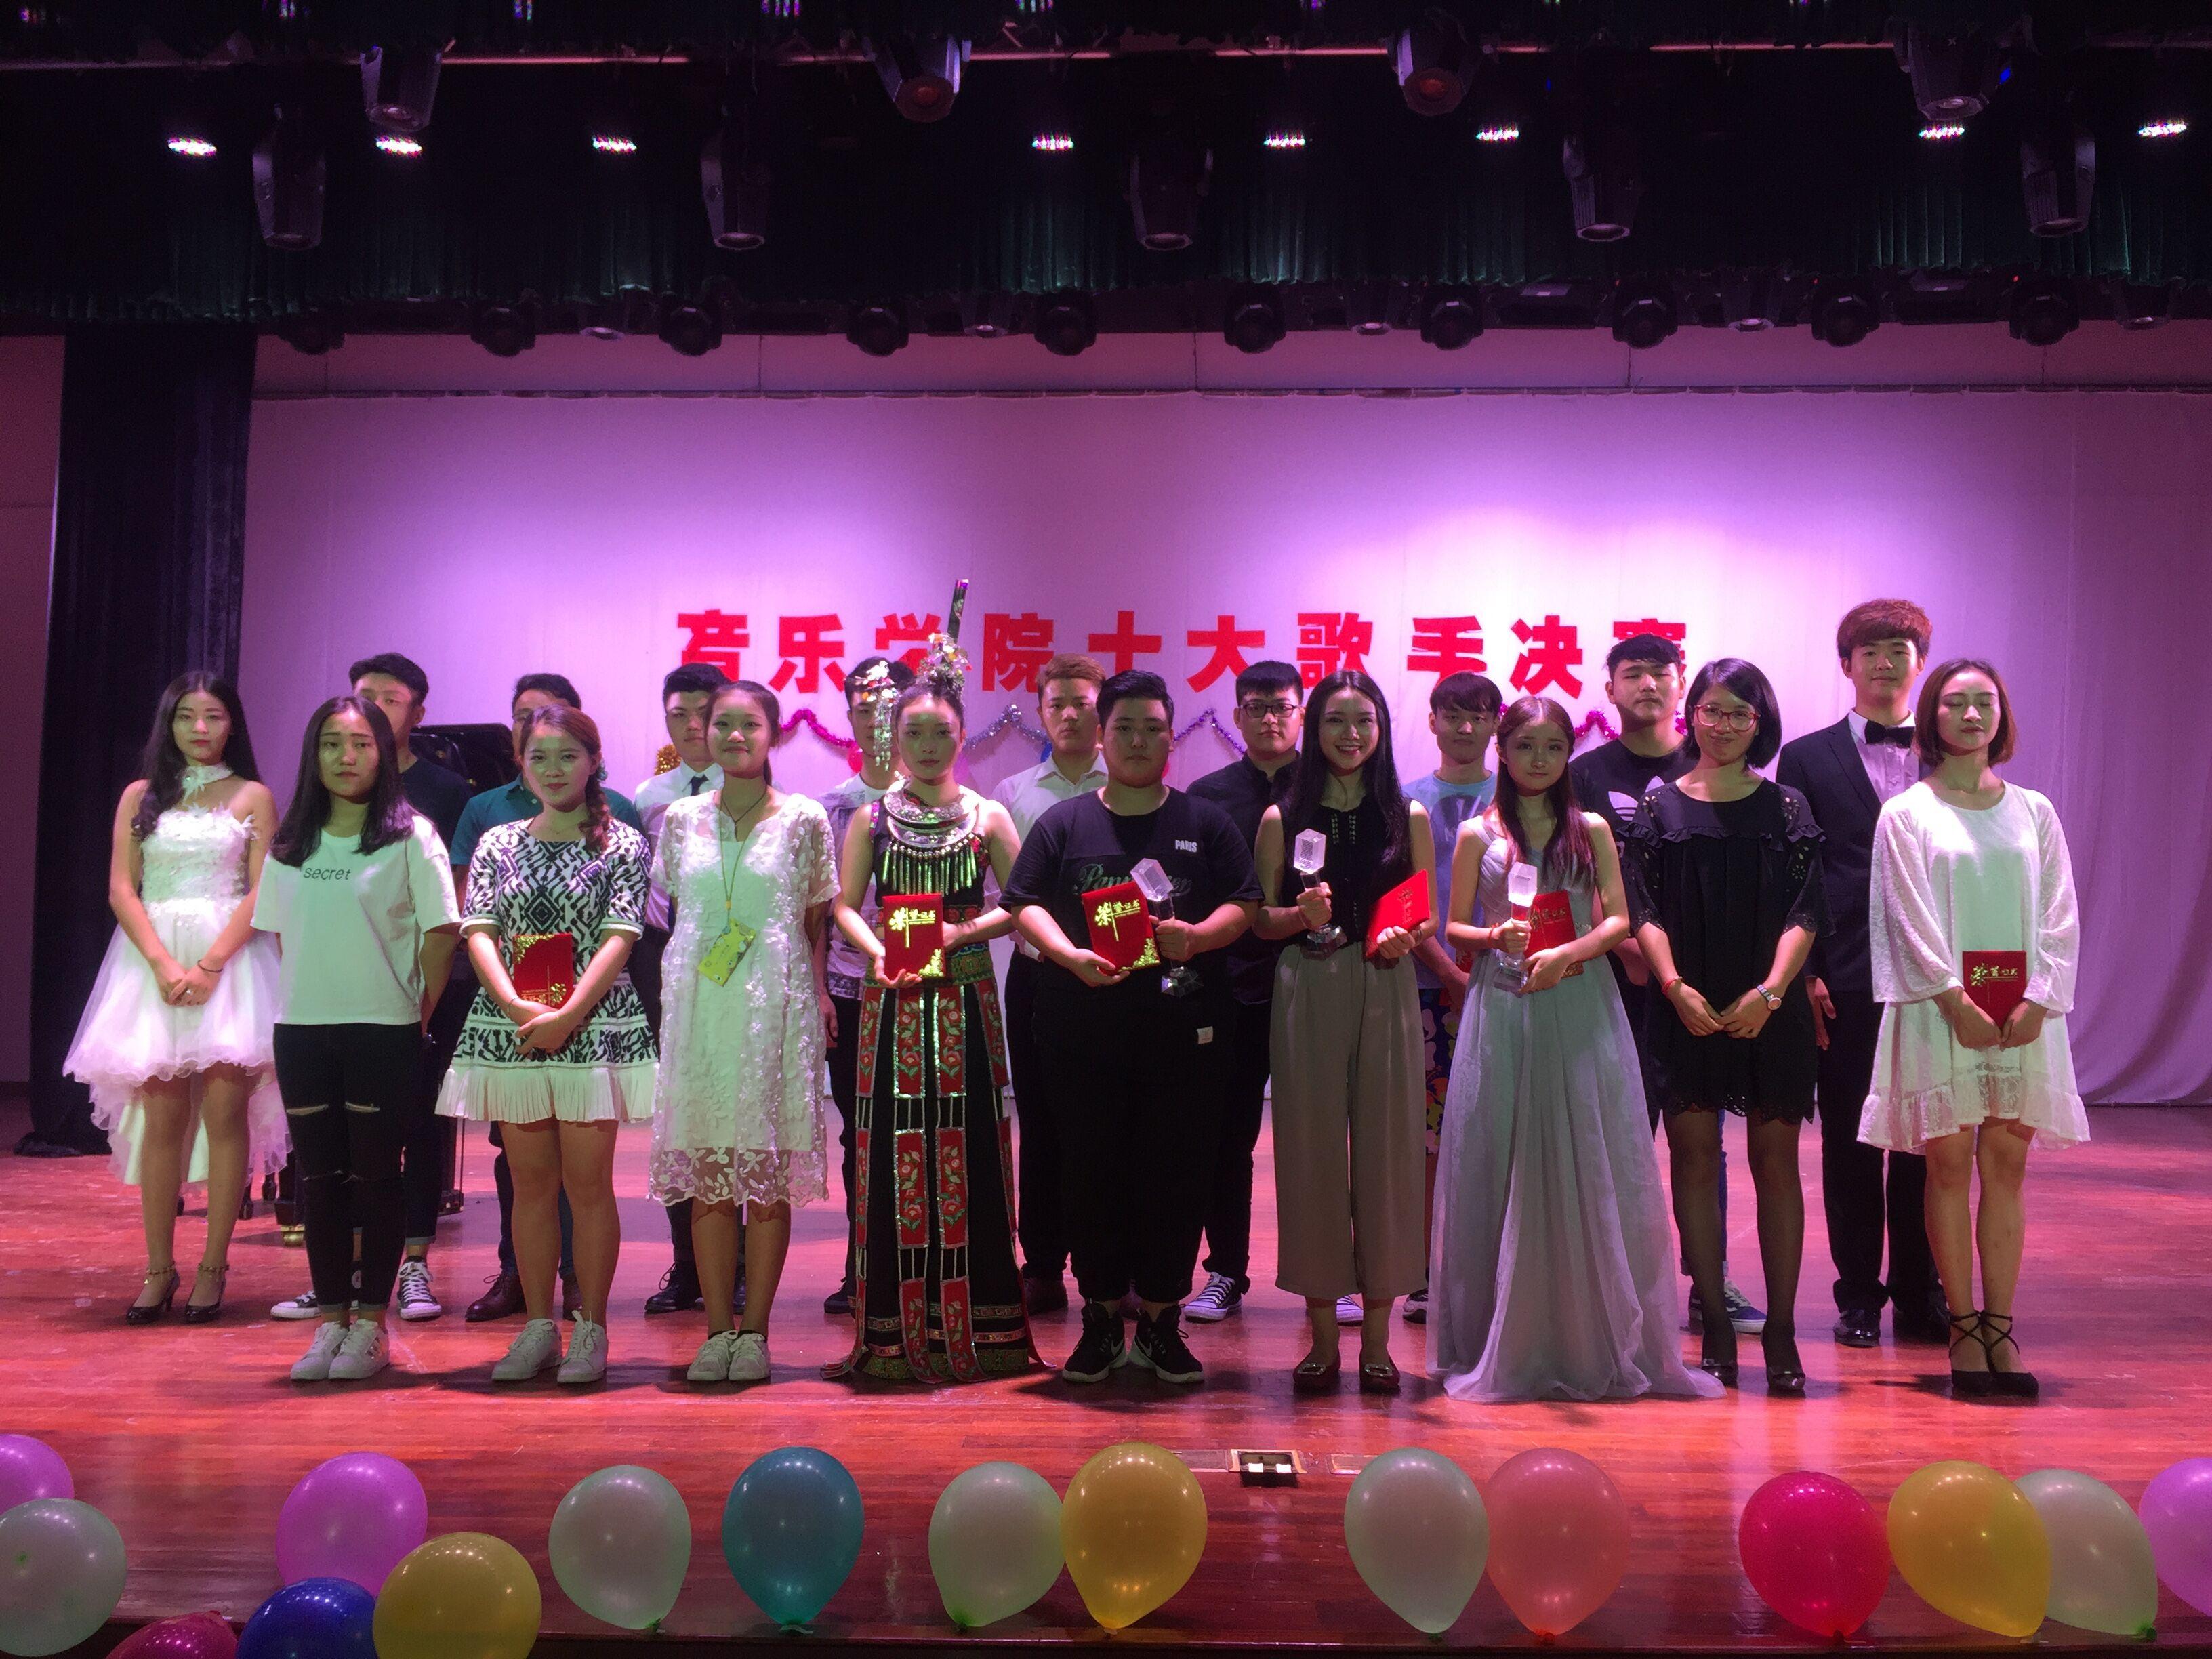 音乐学院十大歌手决赛在音乐厅圆满举行_海南师范大学